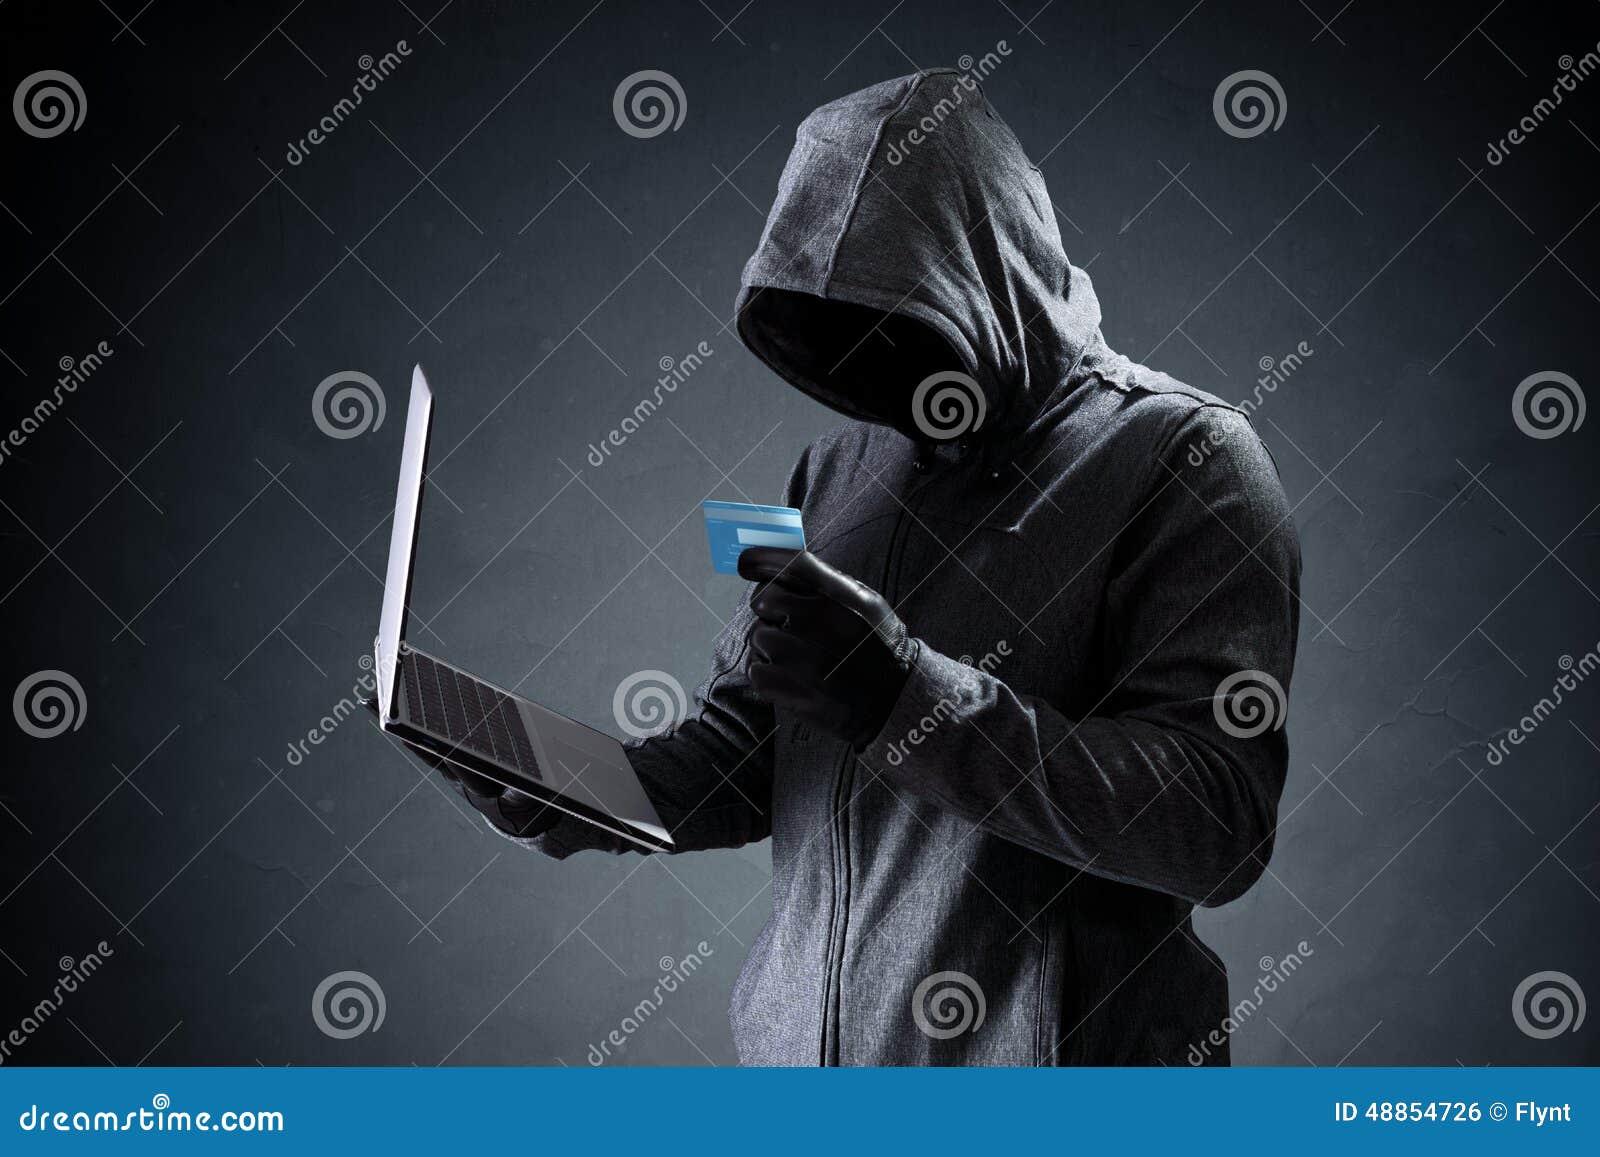 Computerhakker met creditcard stealing gegevens van laptop